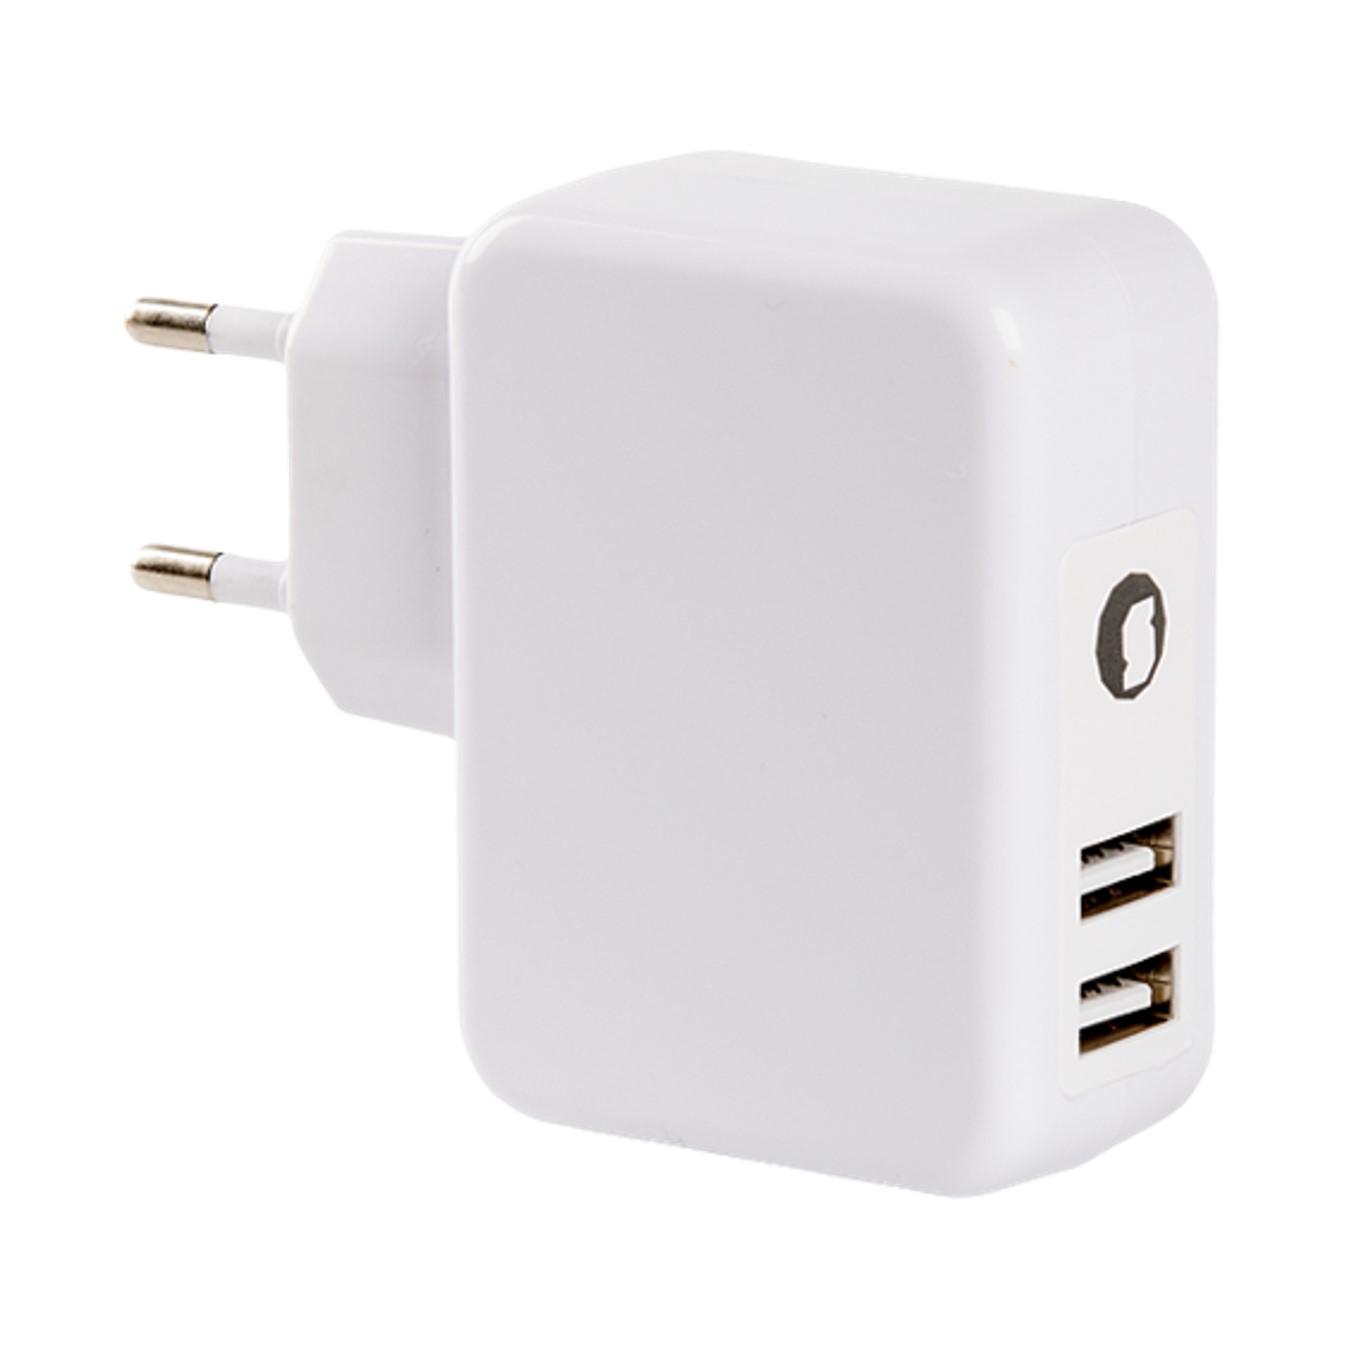 CARGADOR UNIVERSAL SILVER HT 4.8A DOBLE USB BLANCO